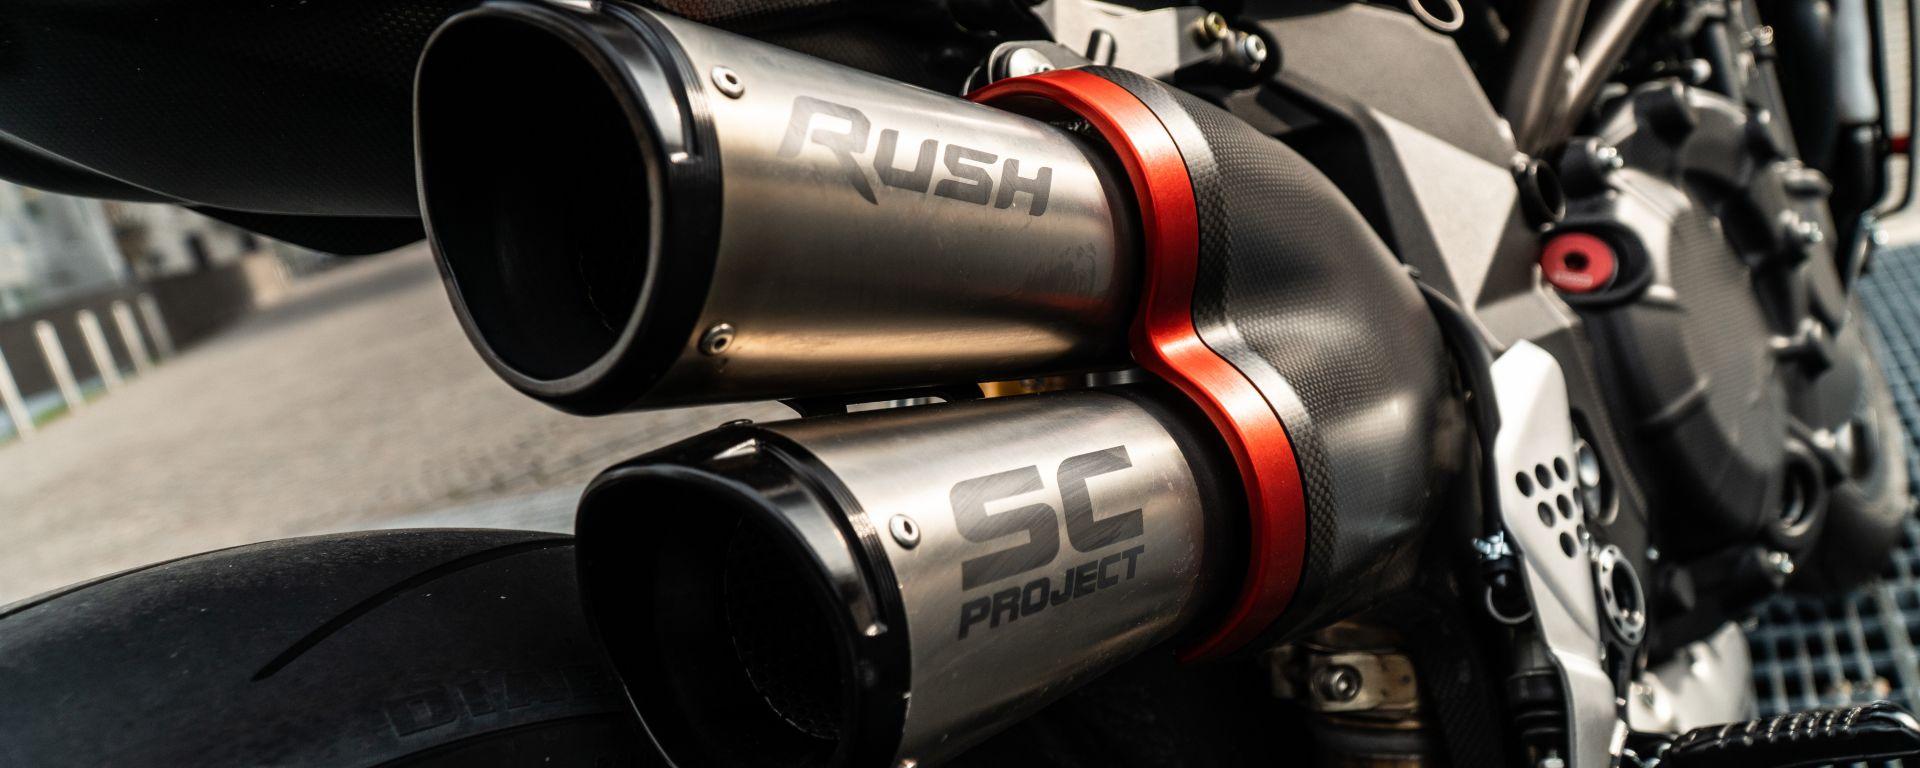 Lo scarico SC Project per la MV Agusta Rush 1000